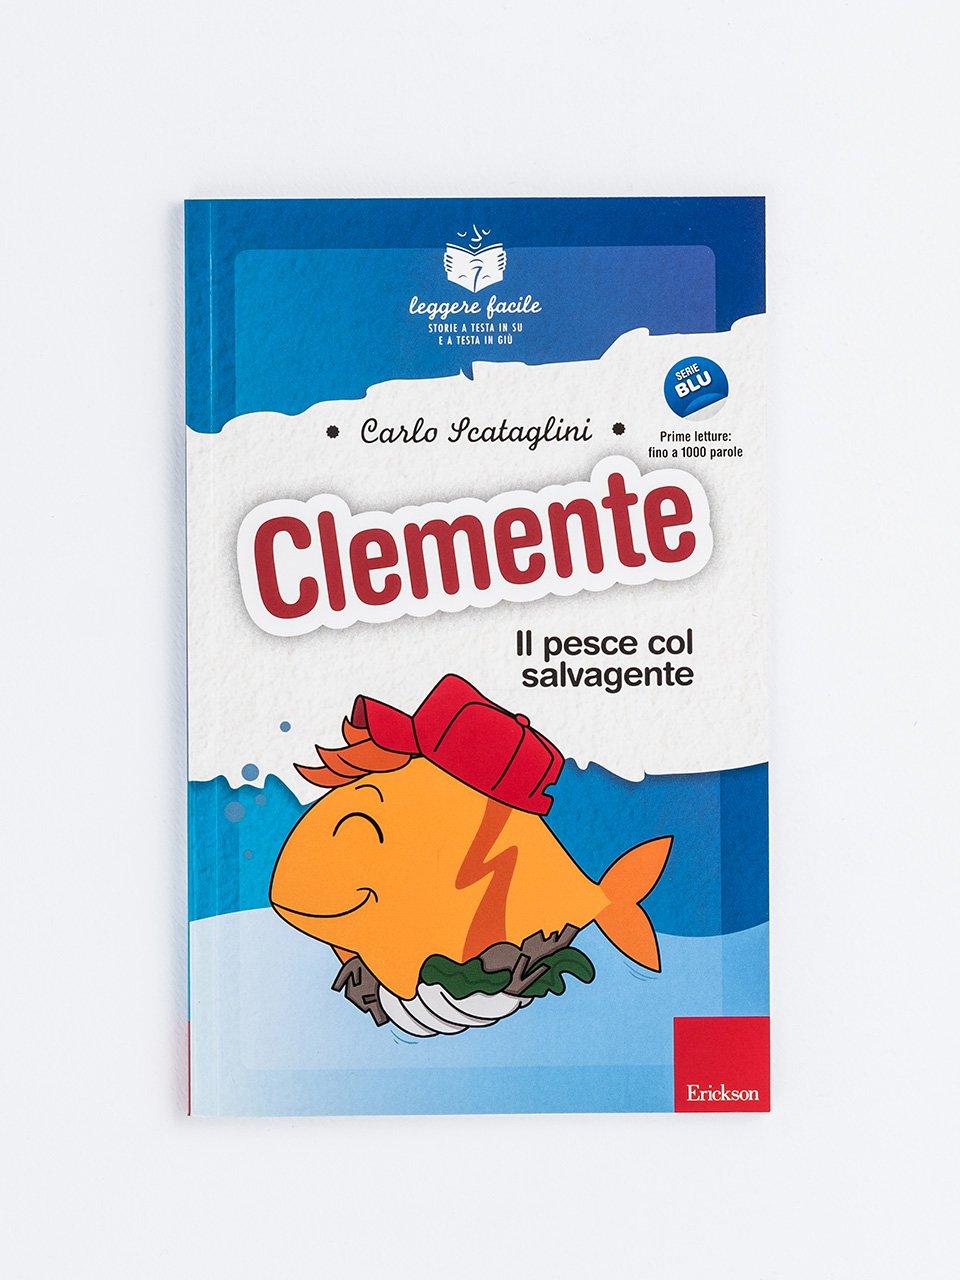 Leggere facile - Clemente il pesce col salvagente - Cloze e riordino di frasi - App e software - Erickson